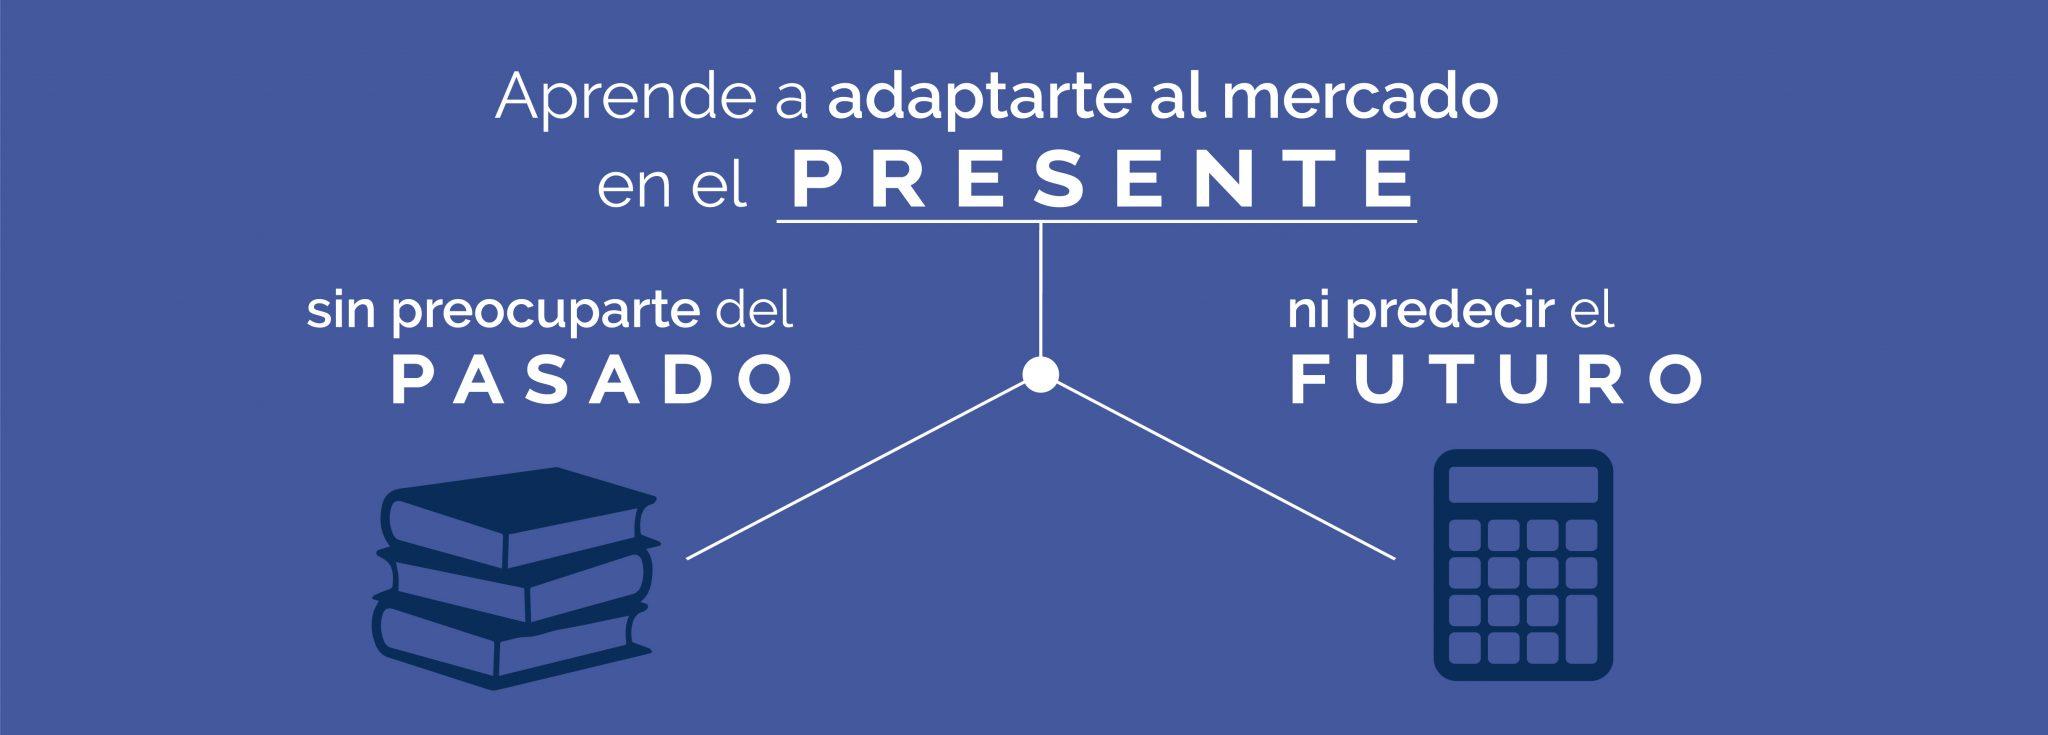 fx-logos-slide-1